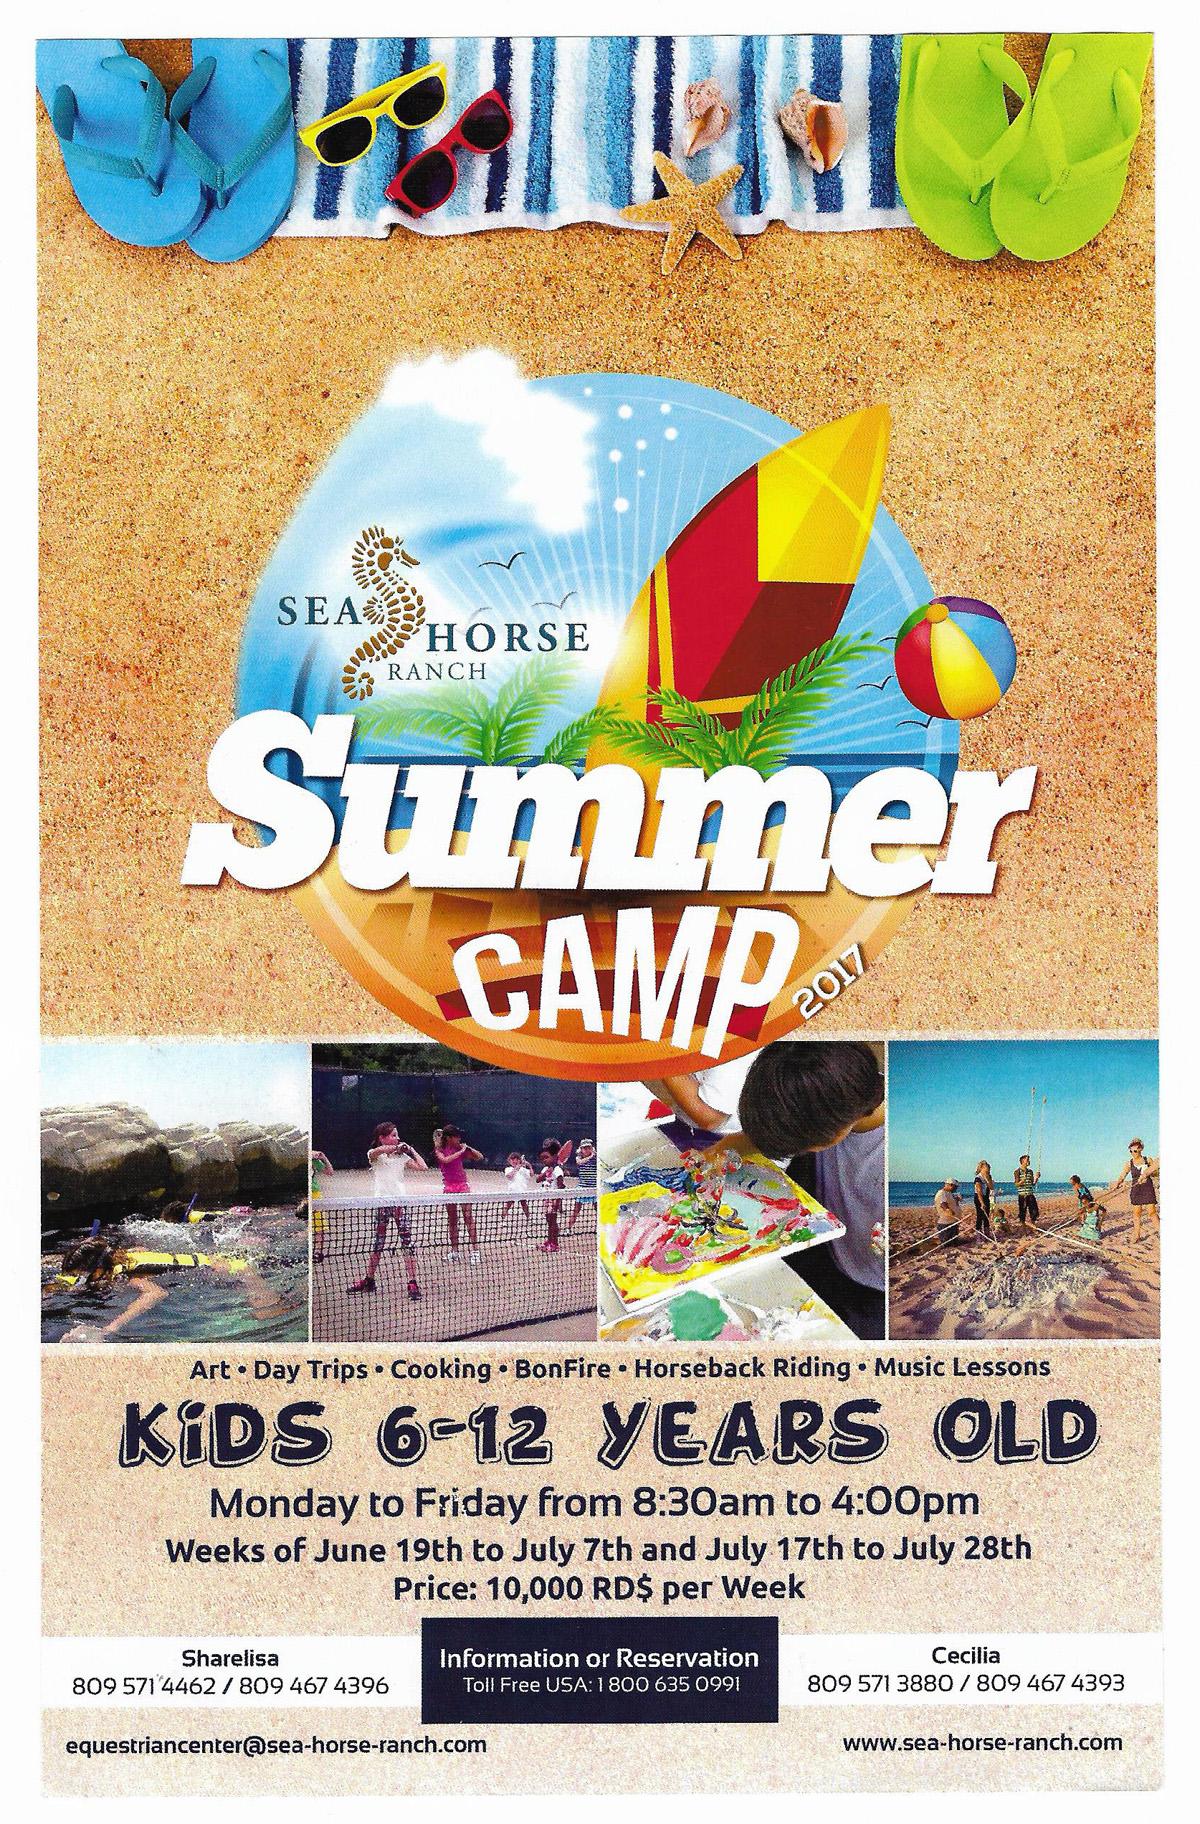 Summer Camp 2017 at Sea Horse Ranch